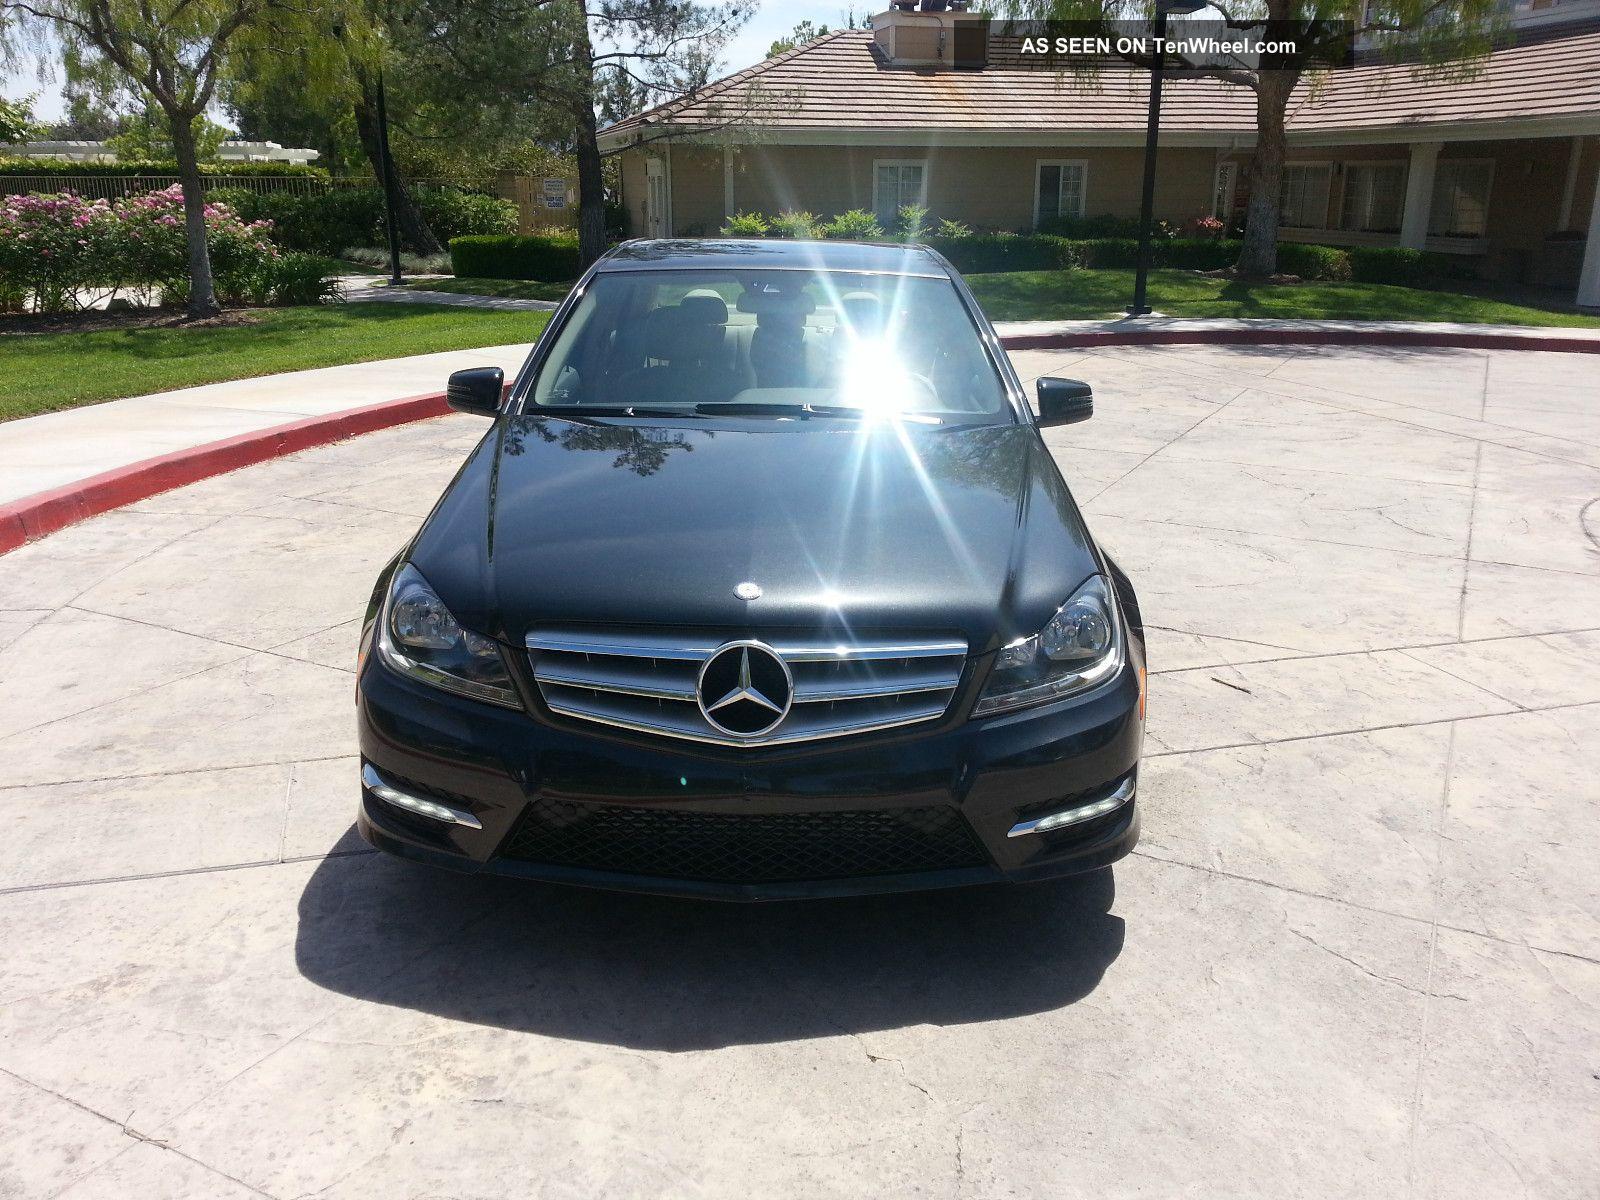 2012 mercedes benz c250 magnetite black for Mercedes benz 24 hour roadside assistance